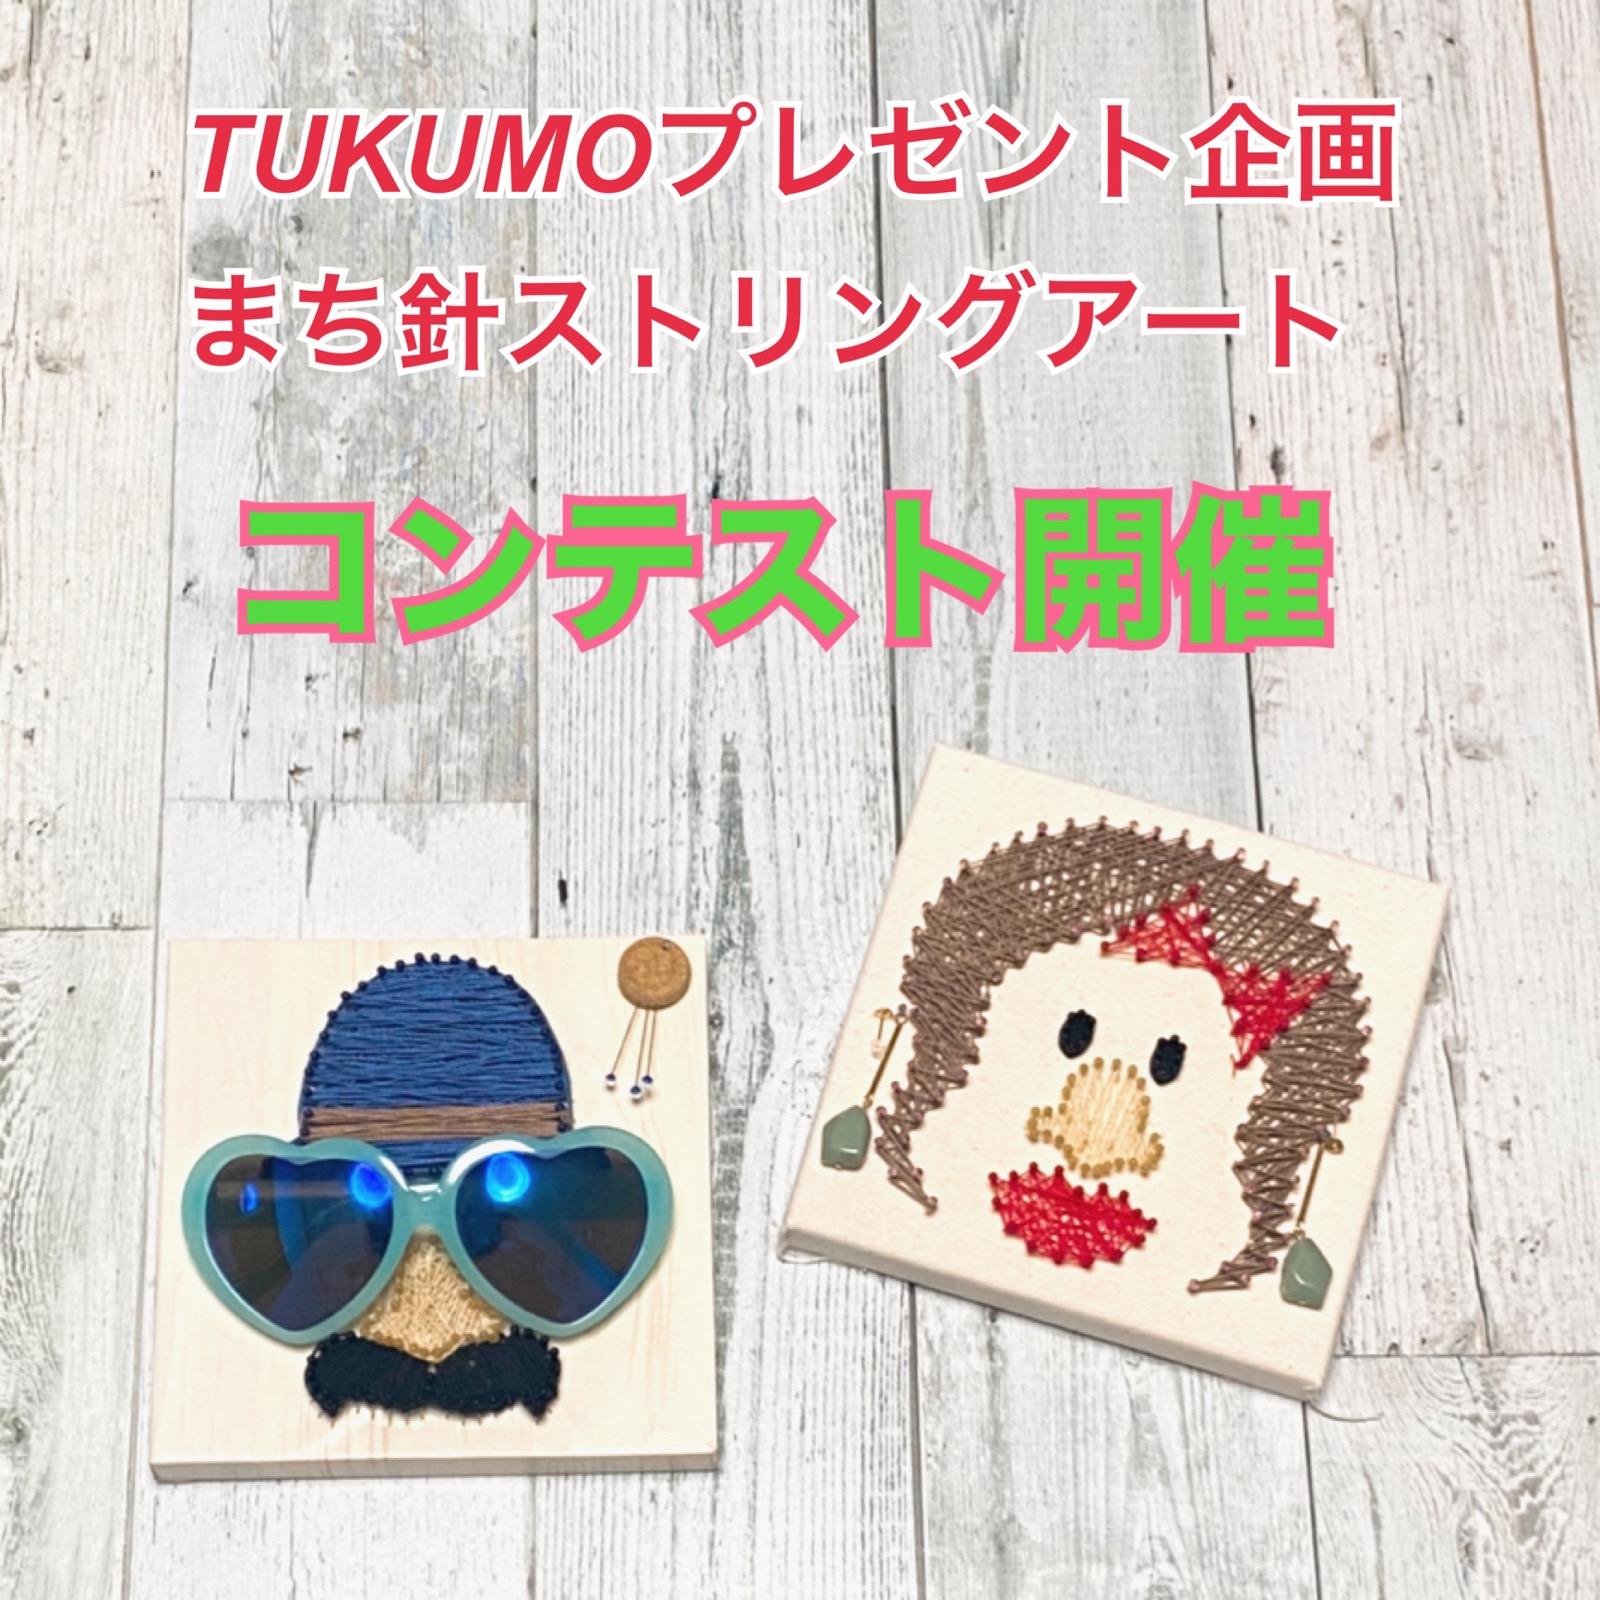 Tukumo